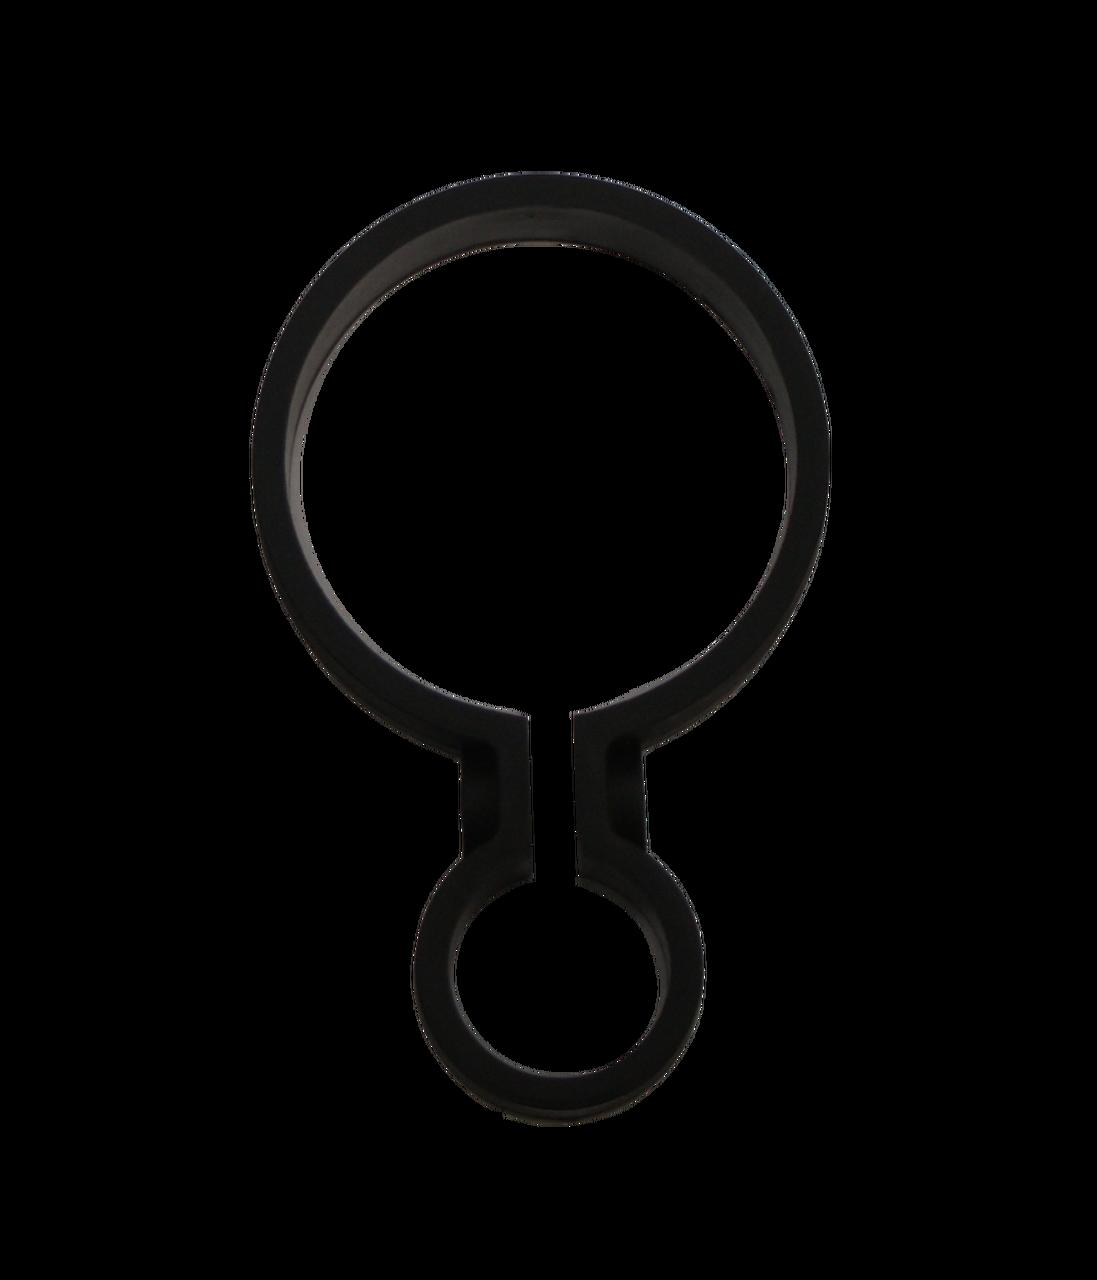 Trigger/Valve Clamp - Plastic 54mm